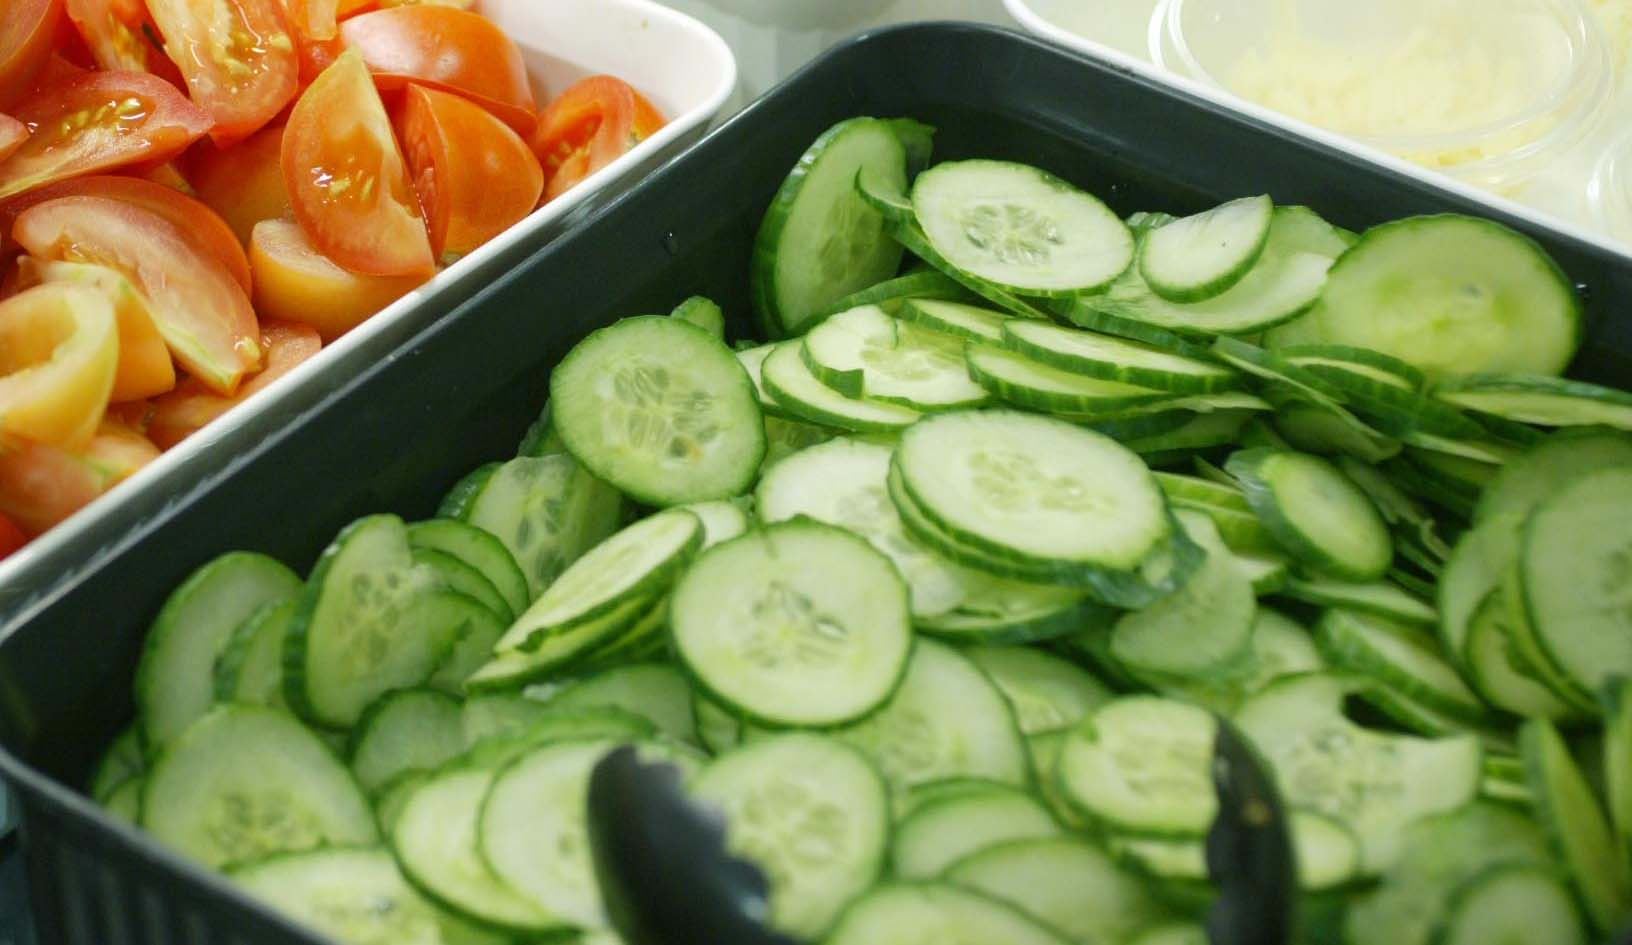 E. coli: Cucumber crisis continues